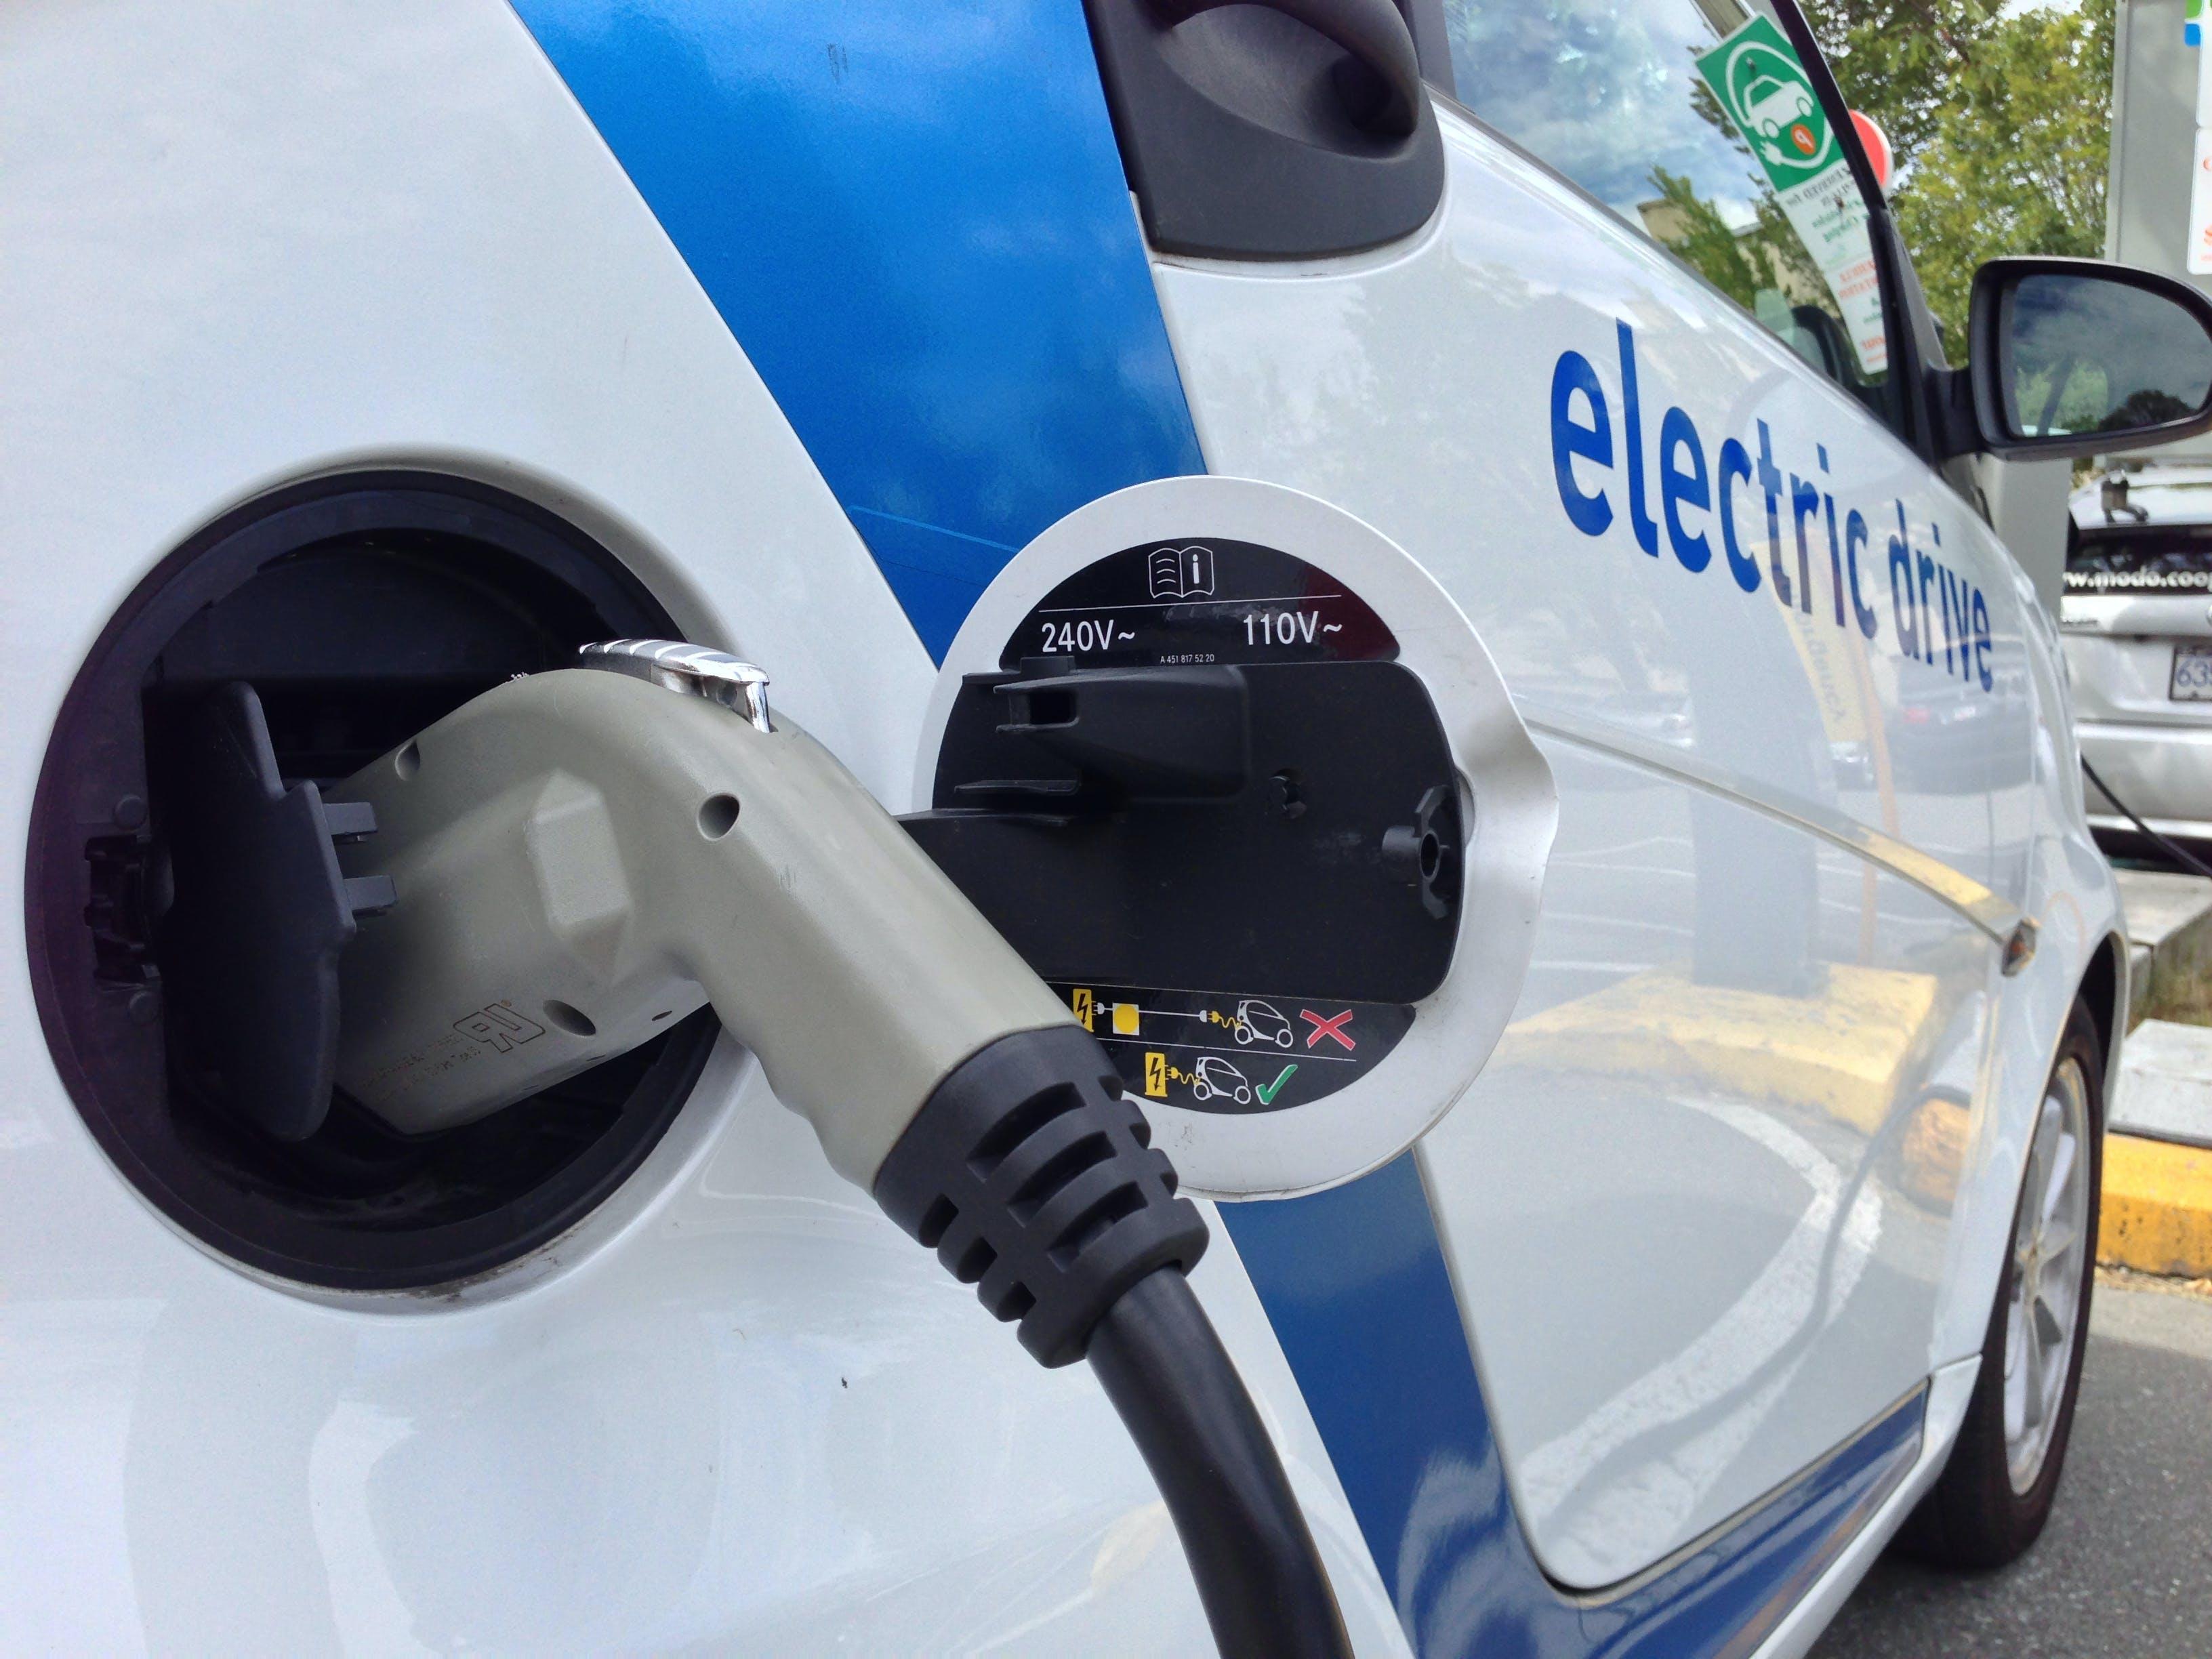 I september blev der slået rekord for salg af elbiler. Foto: CCBY Paul Krueger